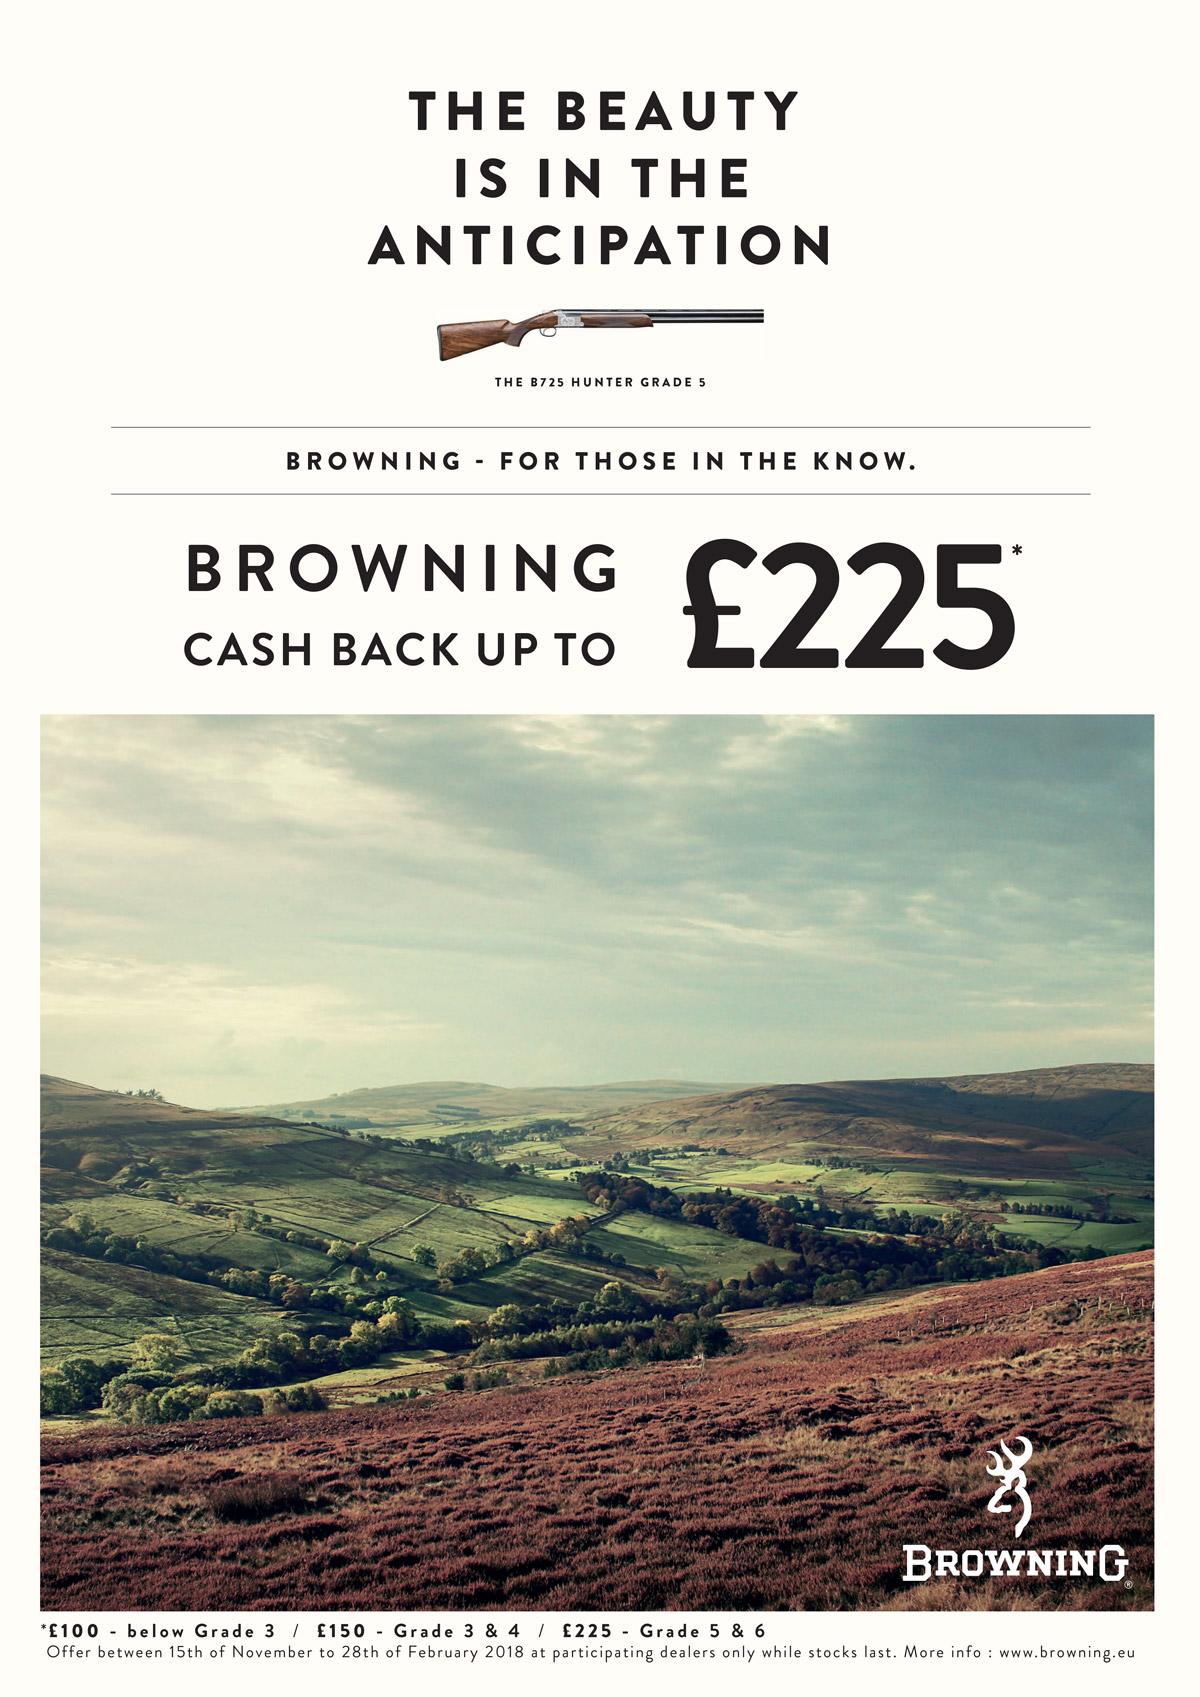 cash back over under £225 uk